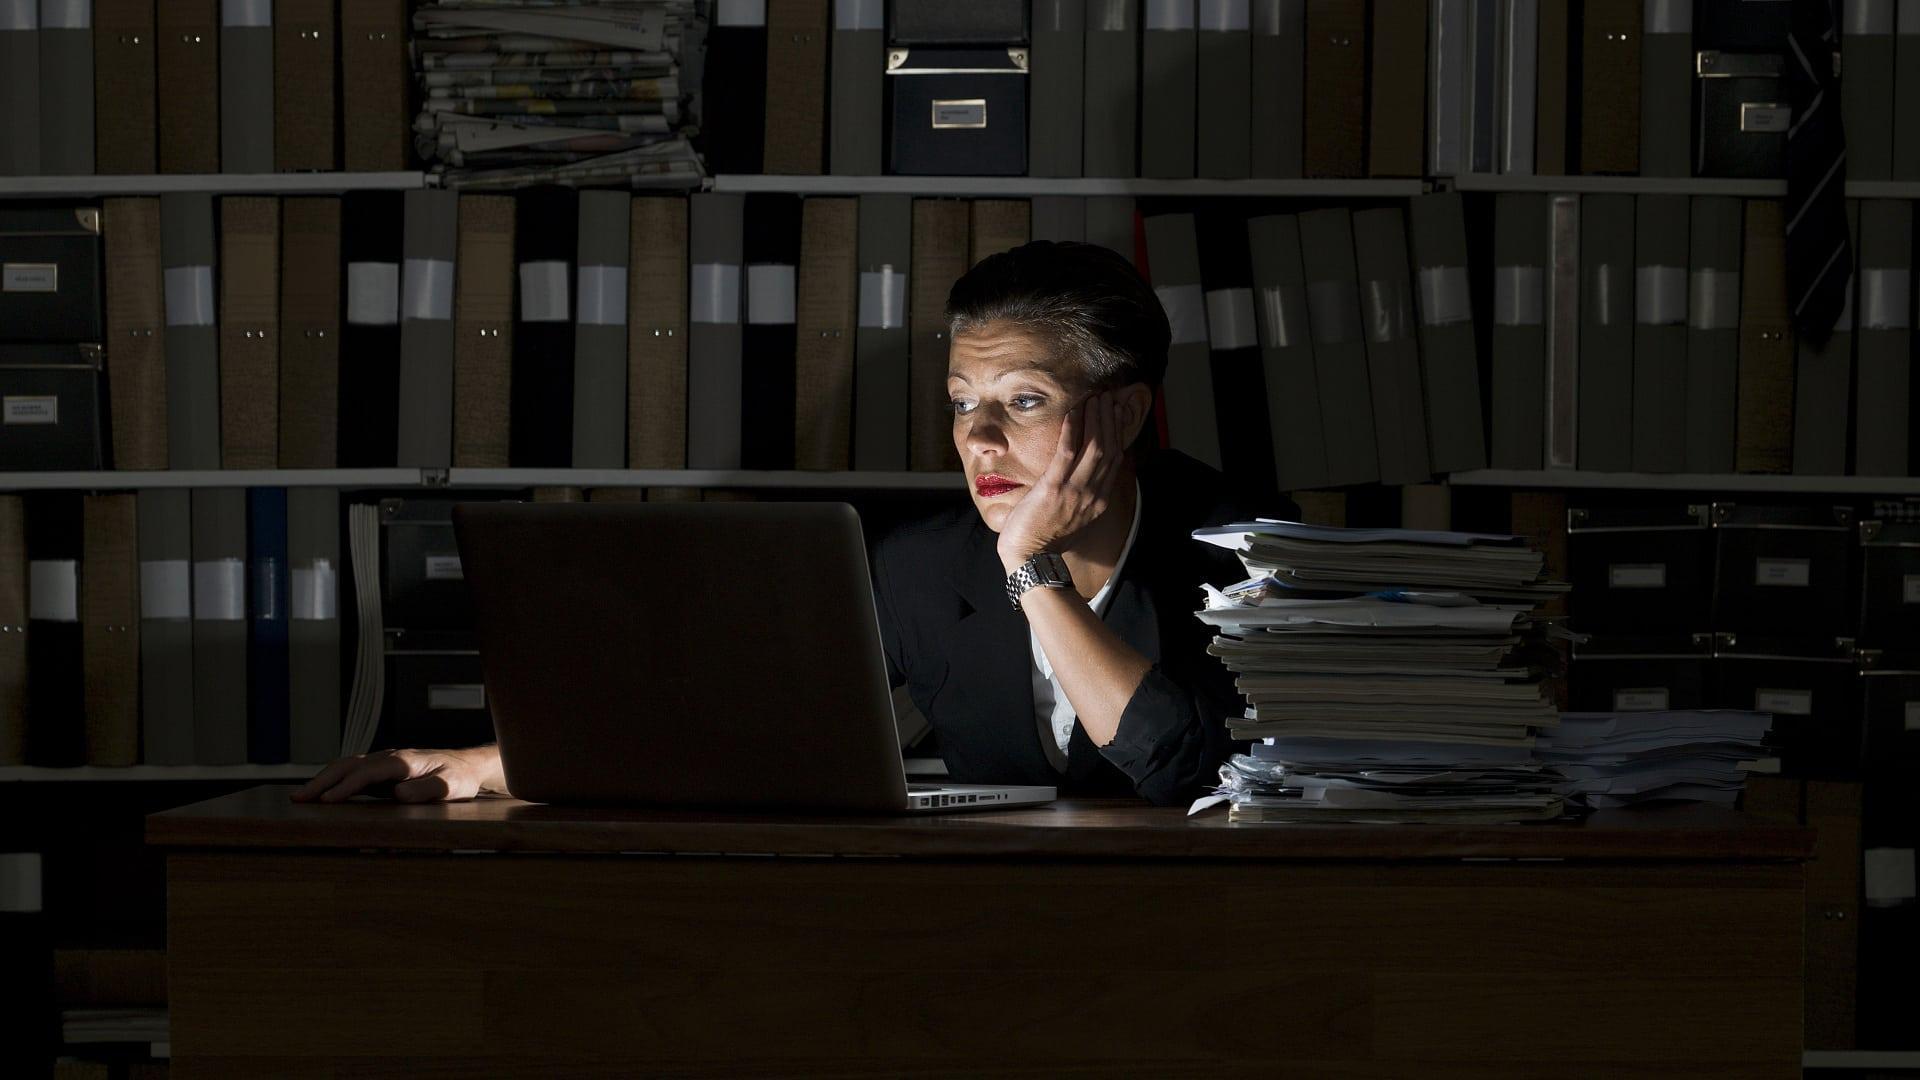 Недосып и работа по ночам усилили невнимательность в пять раз